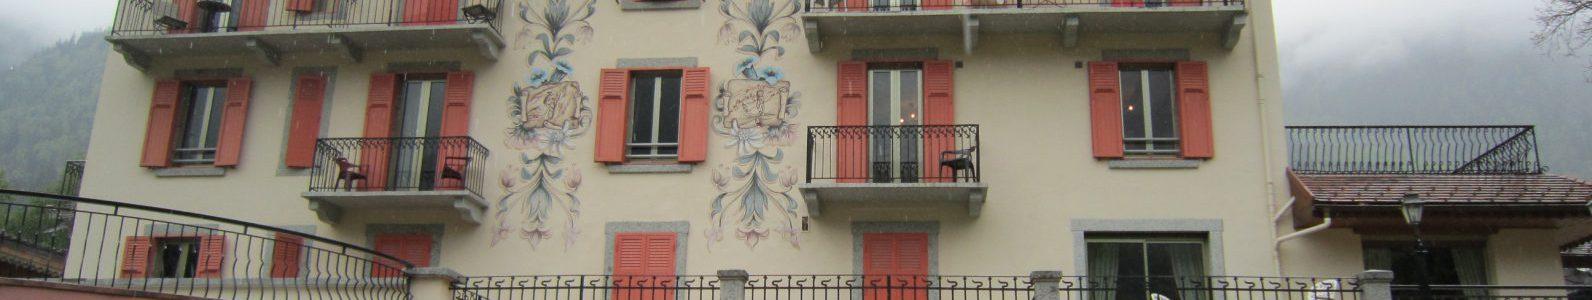 Réfection de dalle en béton de terrasse - Chamonix - Haute-Savoie